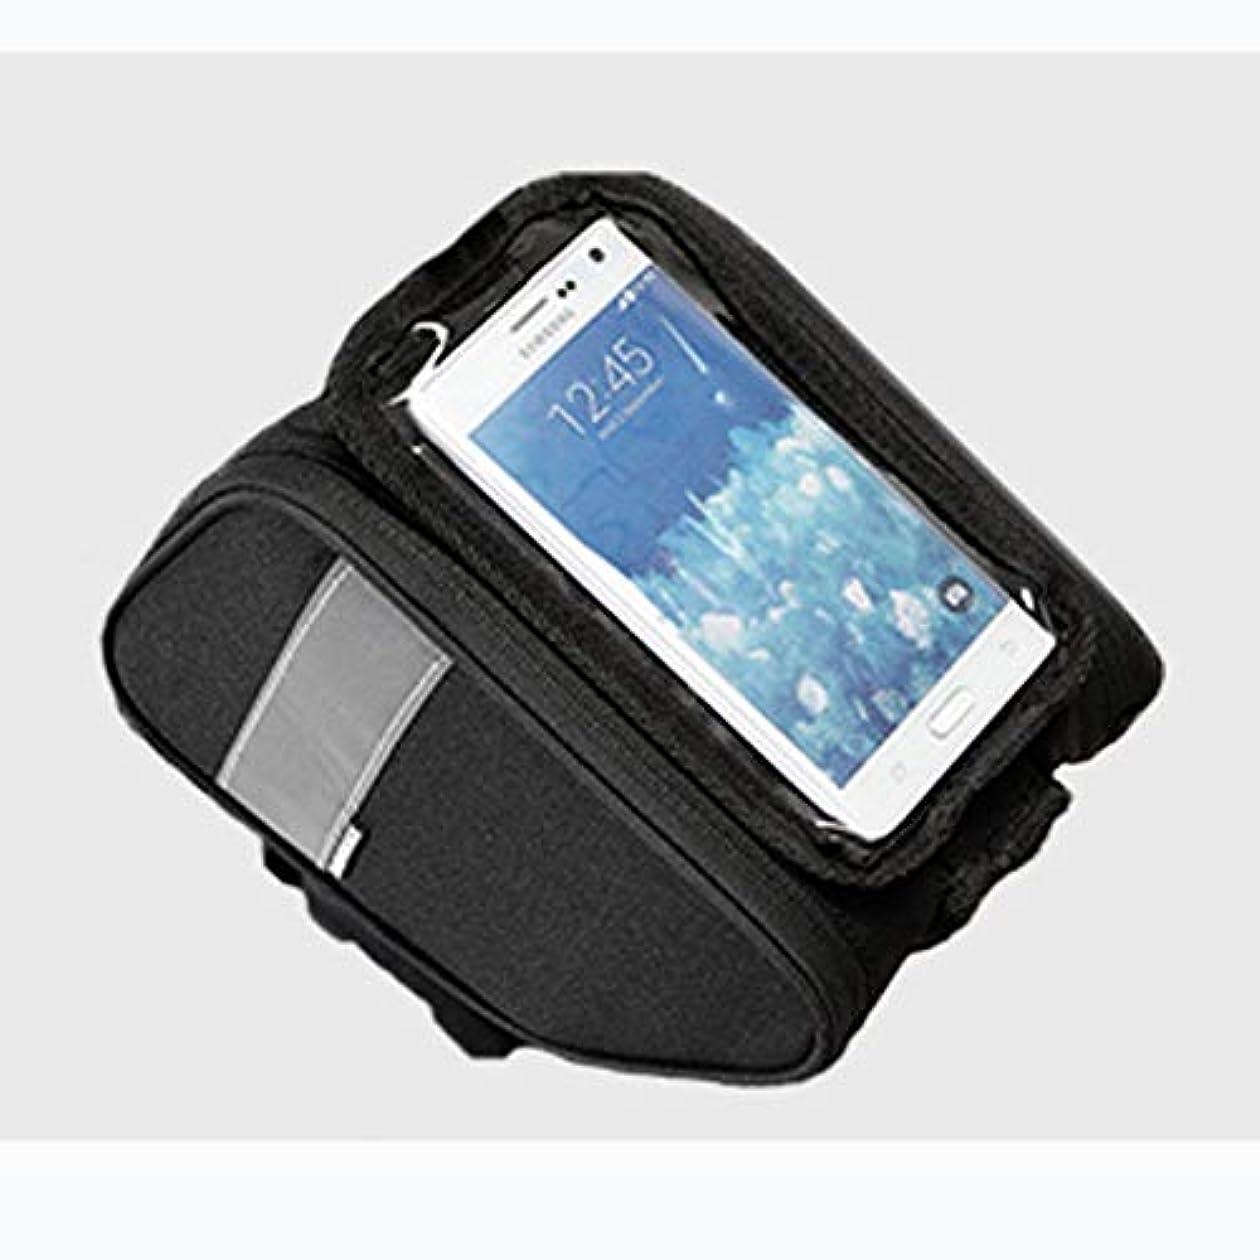 の間で起点脳自転車チューブラックパッケージ、6.0インチの下に携帯電話用の高感度タッチスクリーン防水バッグ